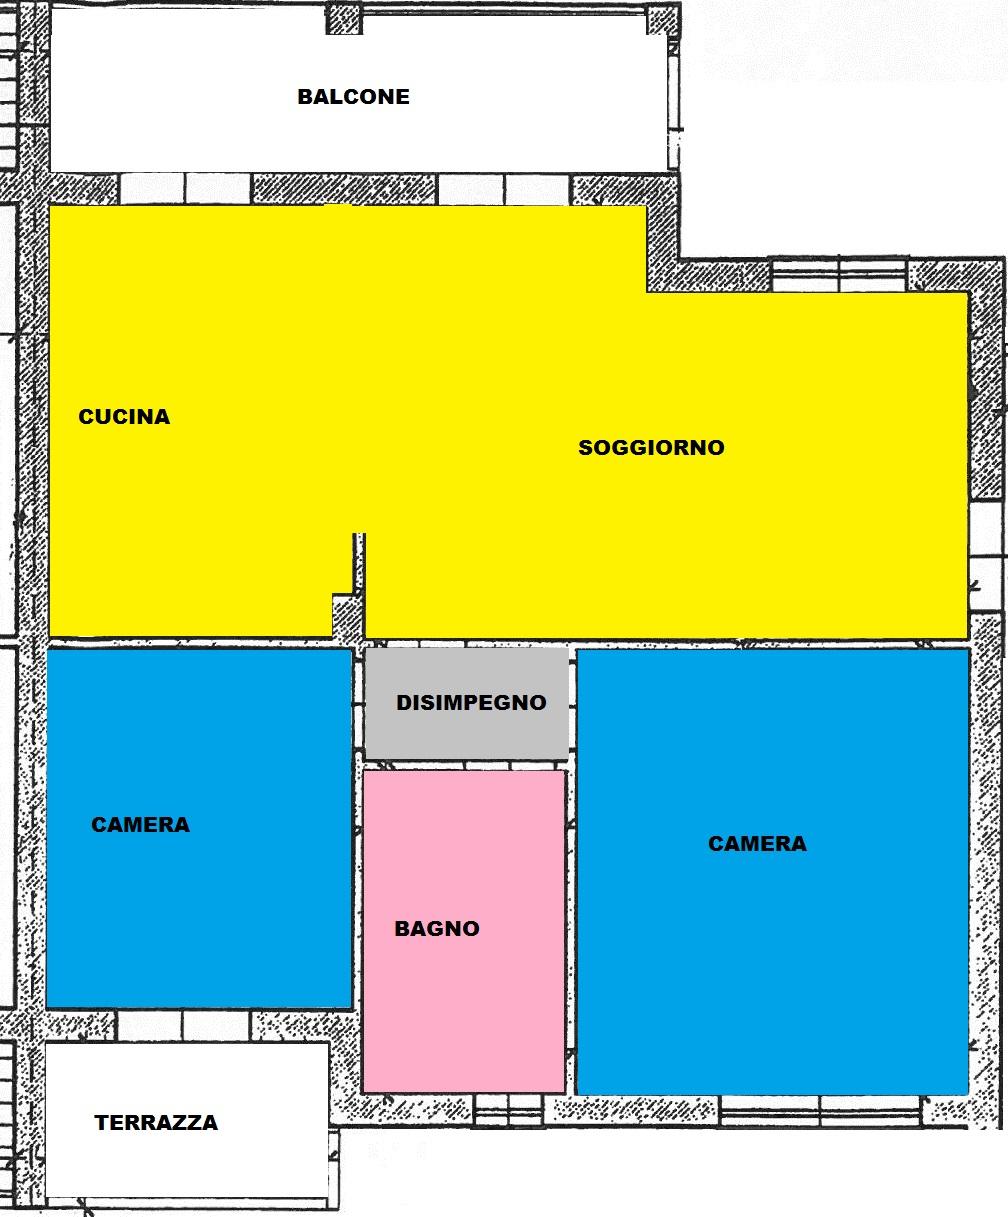 Appartamento in vendita a Cascina, 4 locali, zona Località: Centro, prezzo € 178.000 | Cambio Casa.it